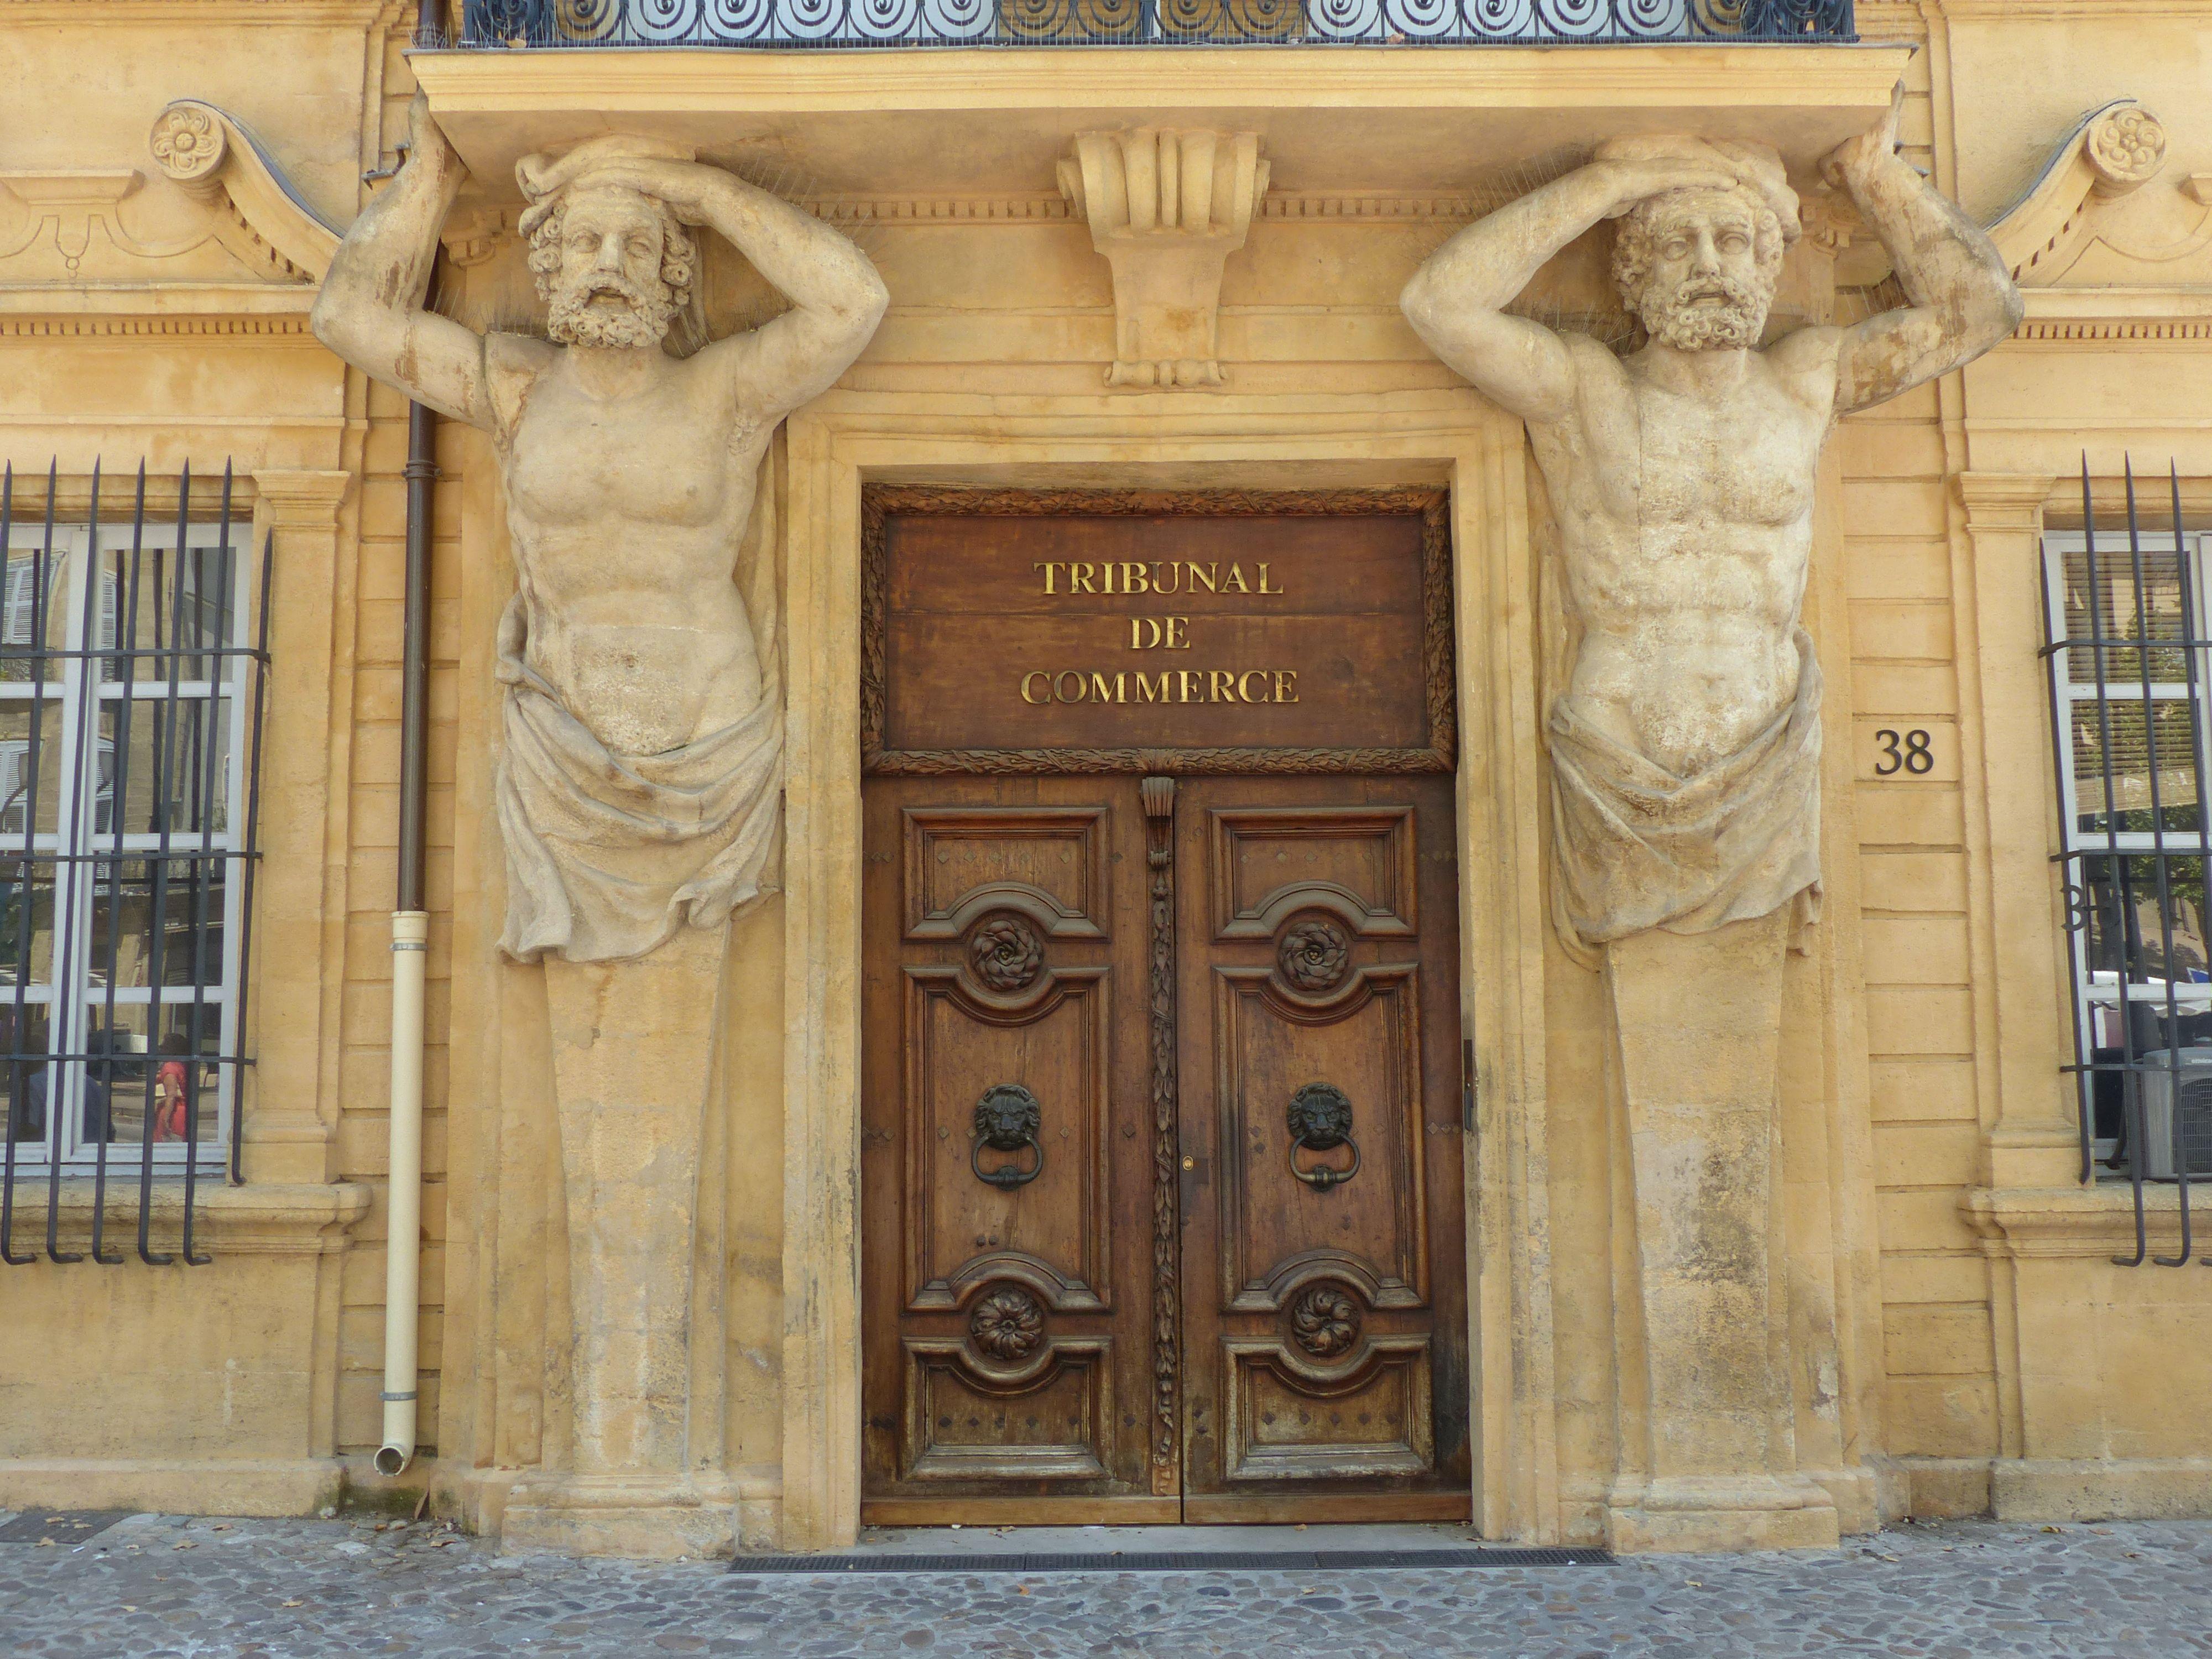 Hugo patrimoine des lieux de justice - Tribunal de commerce de salon de provence ...